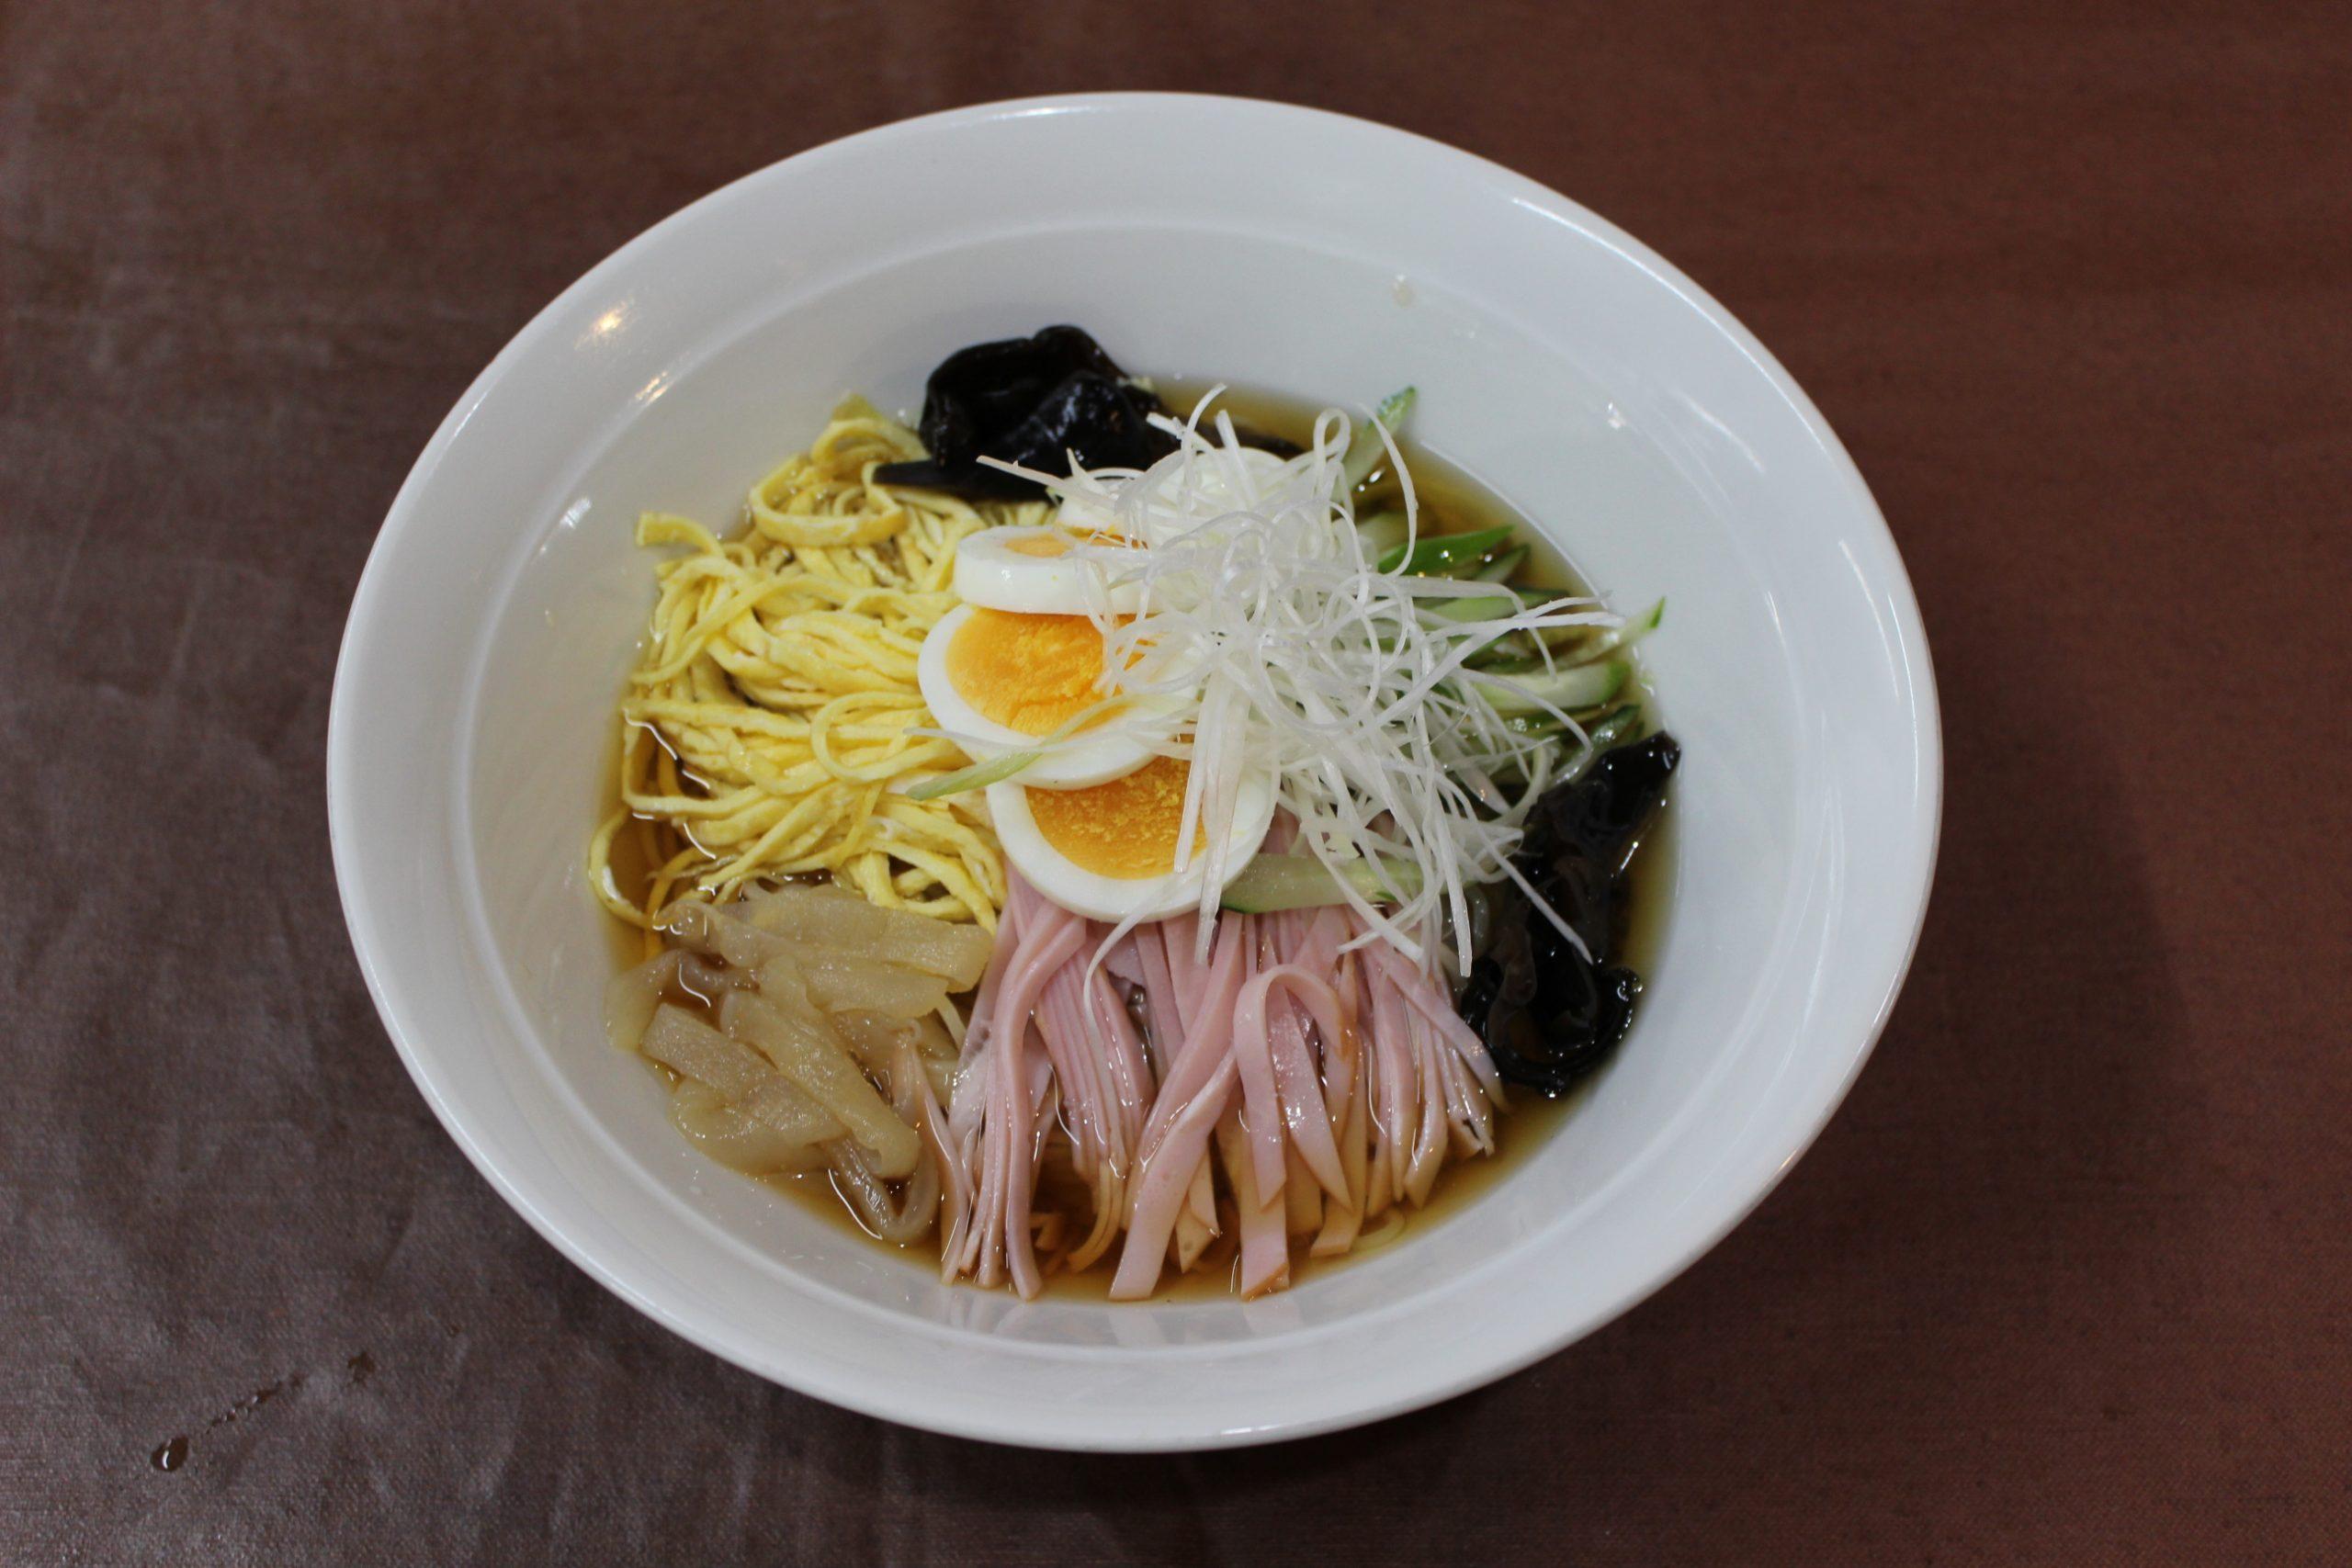 【中華冷麺】中華冷やしラーメン